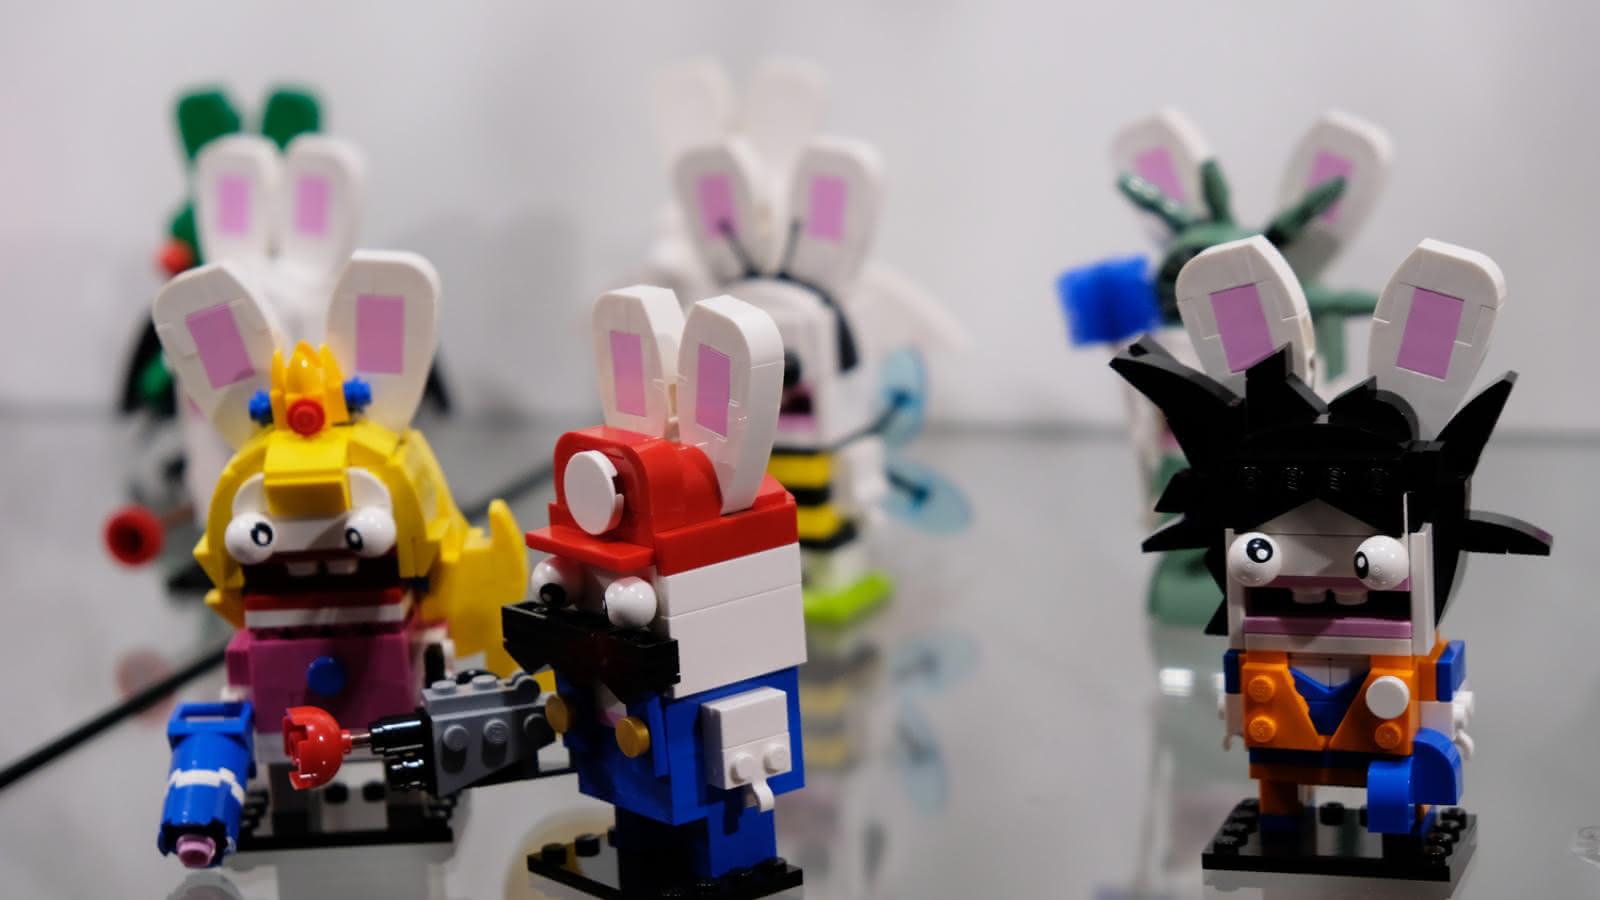 Carte Lego R Occas Carte Carte Toys Lego Occas Toys Occas Lego R jLSqGpMUzV